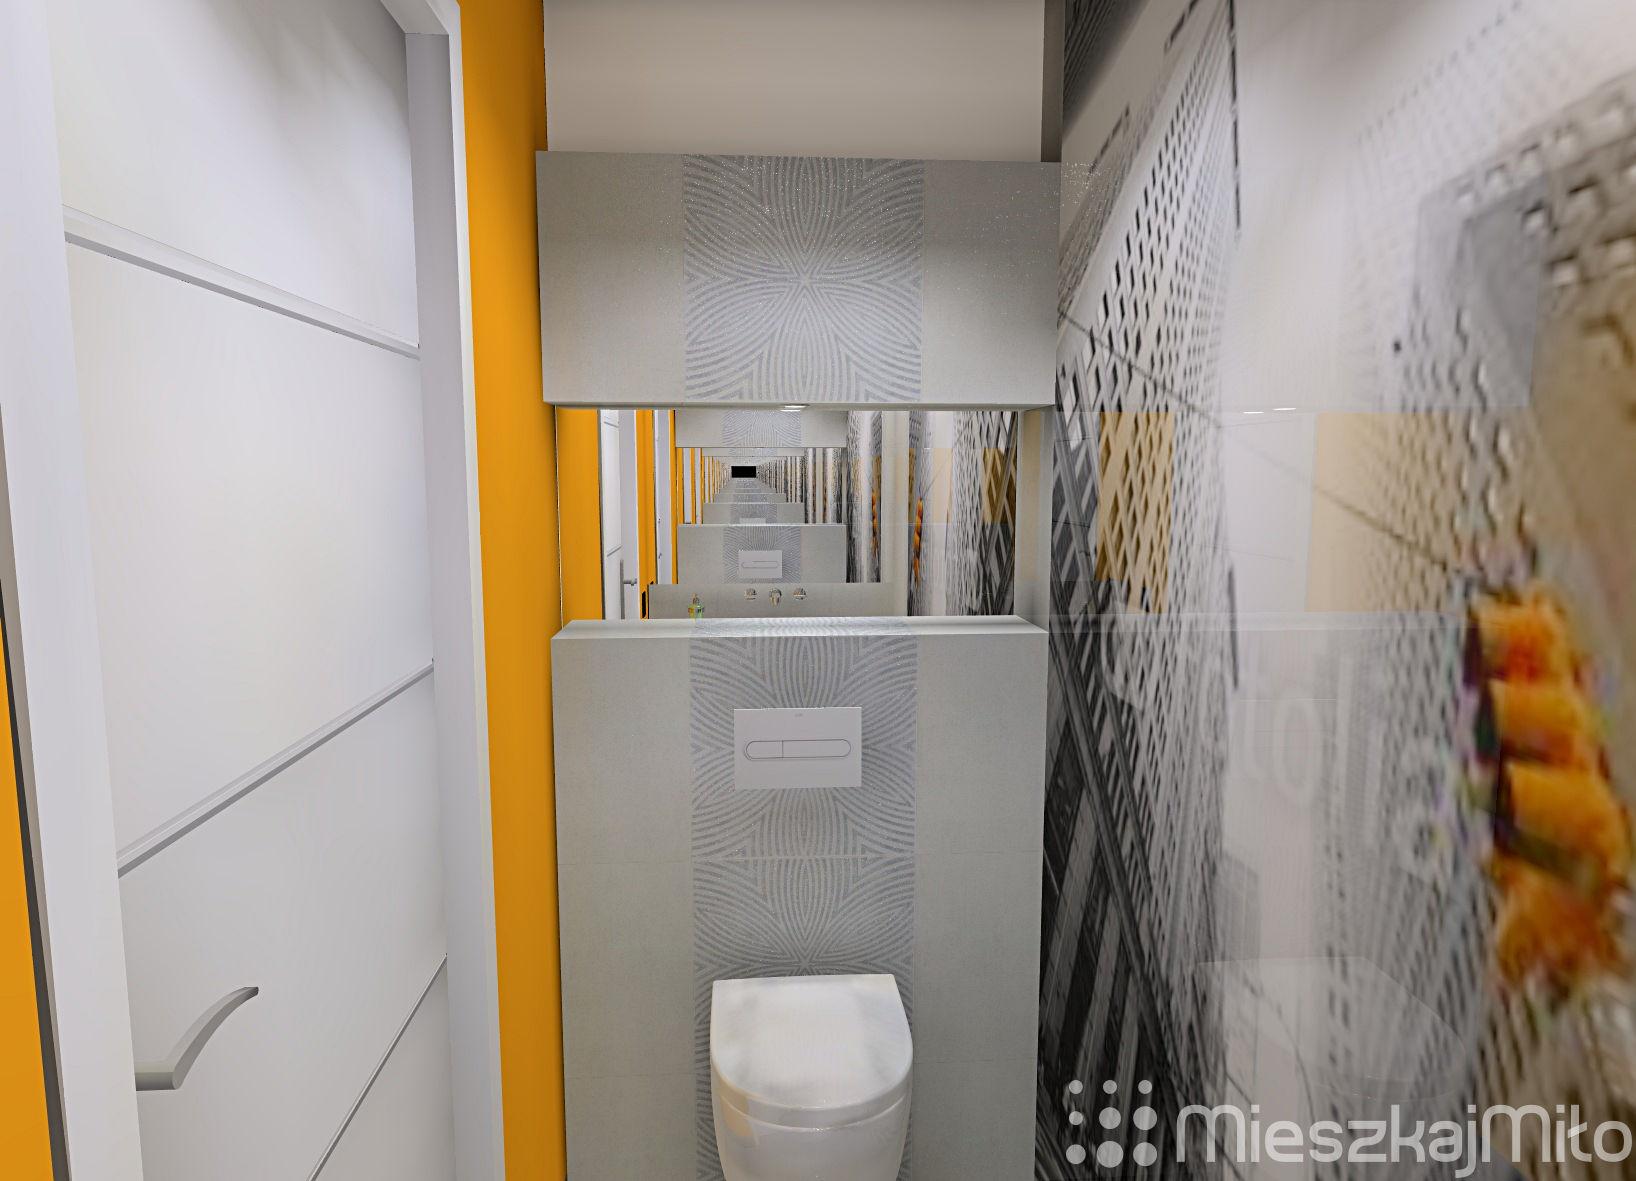 Mała łazienka Wc Mieszkaj Miło Aranżacja Wnętrz Na